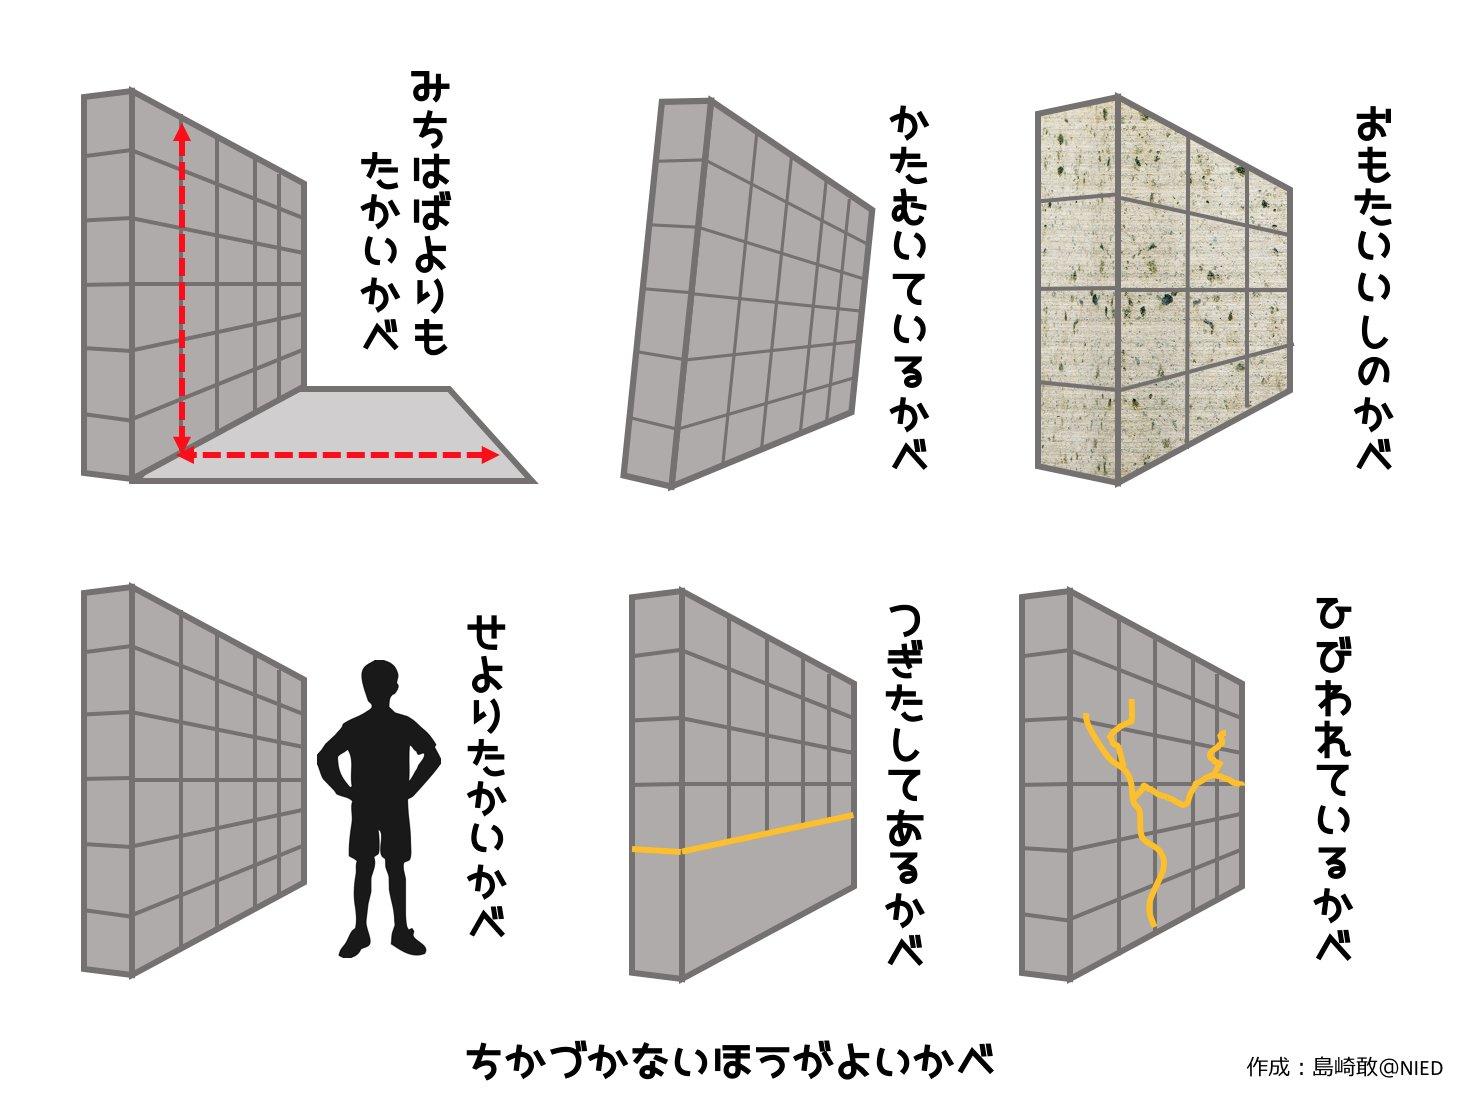 子供と確認したい、通学路の危険箇所のイラストがわかりやすい